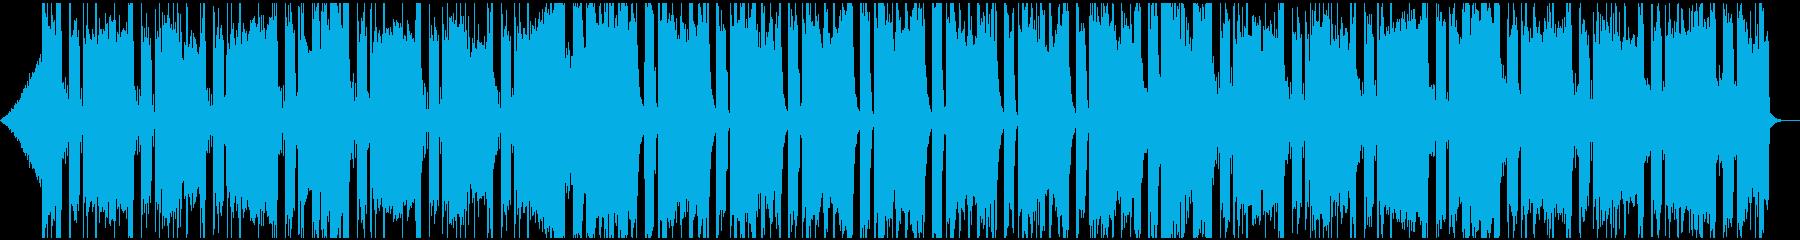 エネルギッシュで壮大なフューチャーベースの再生済みの波形